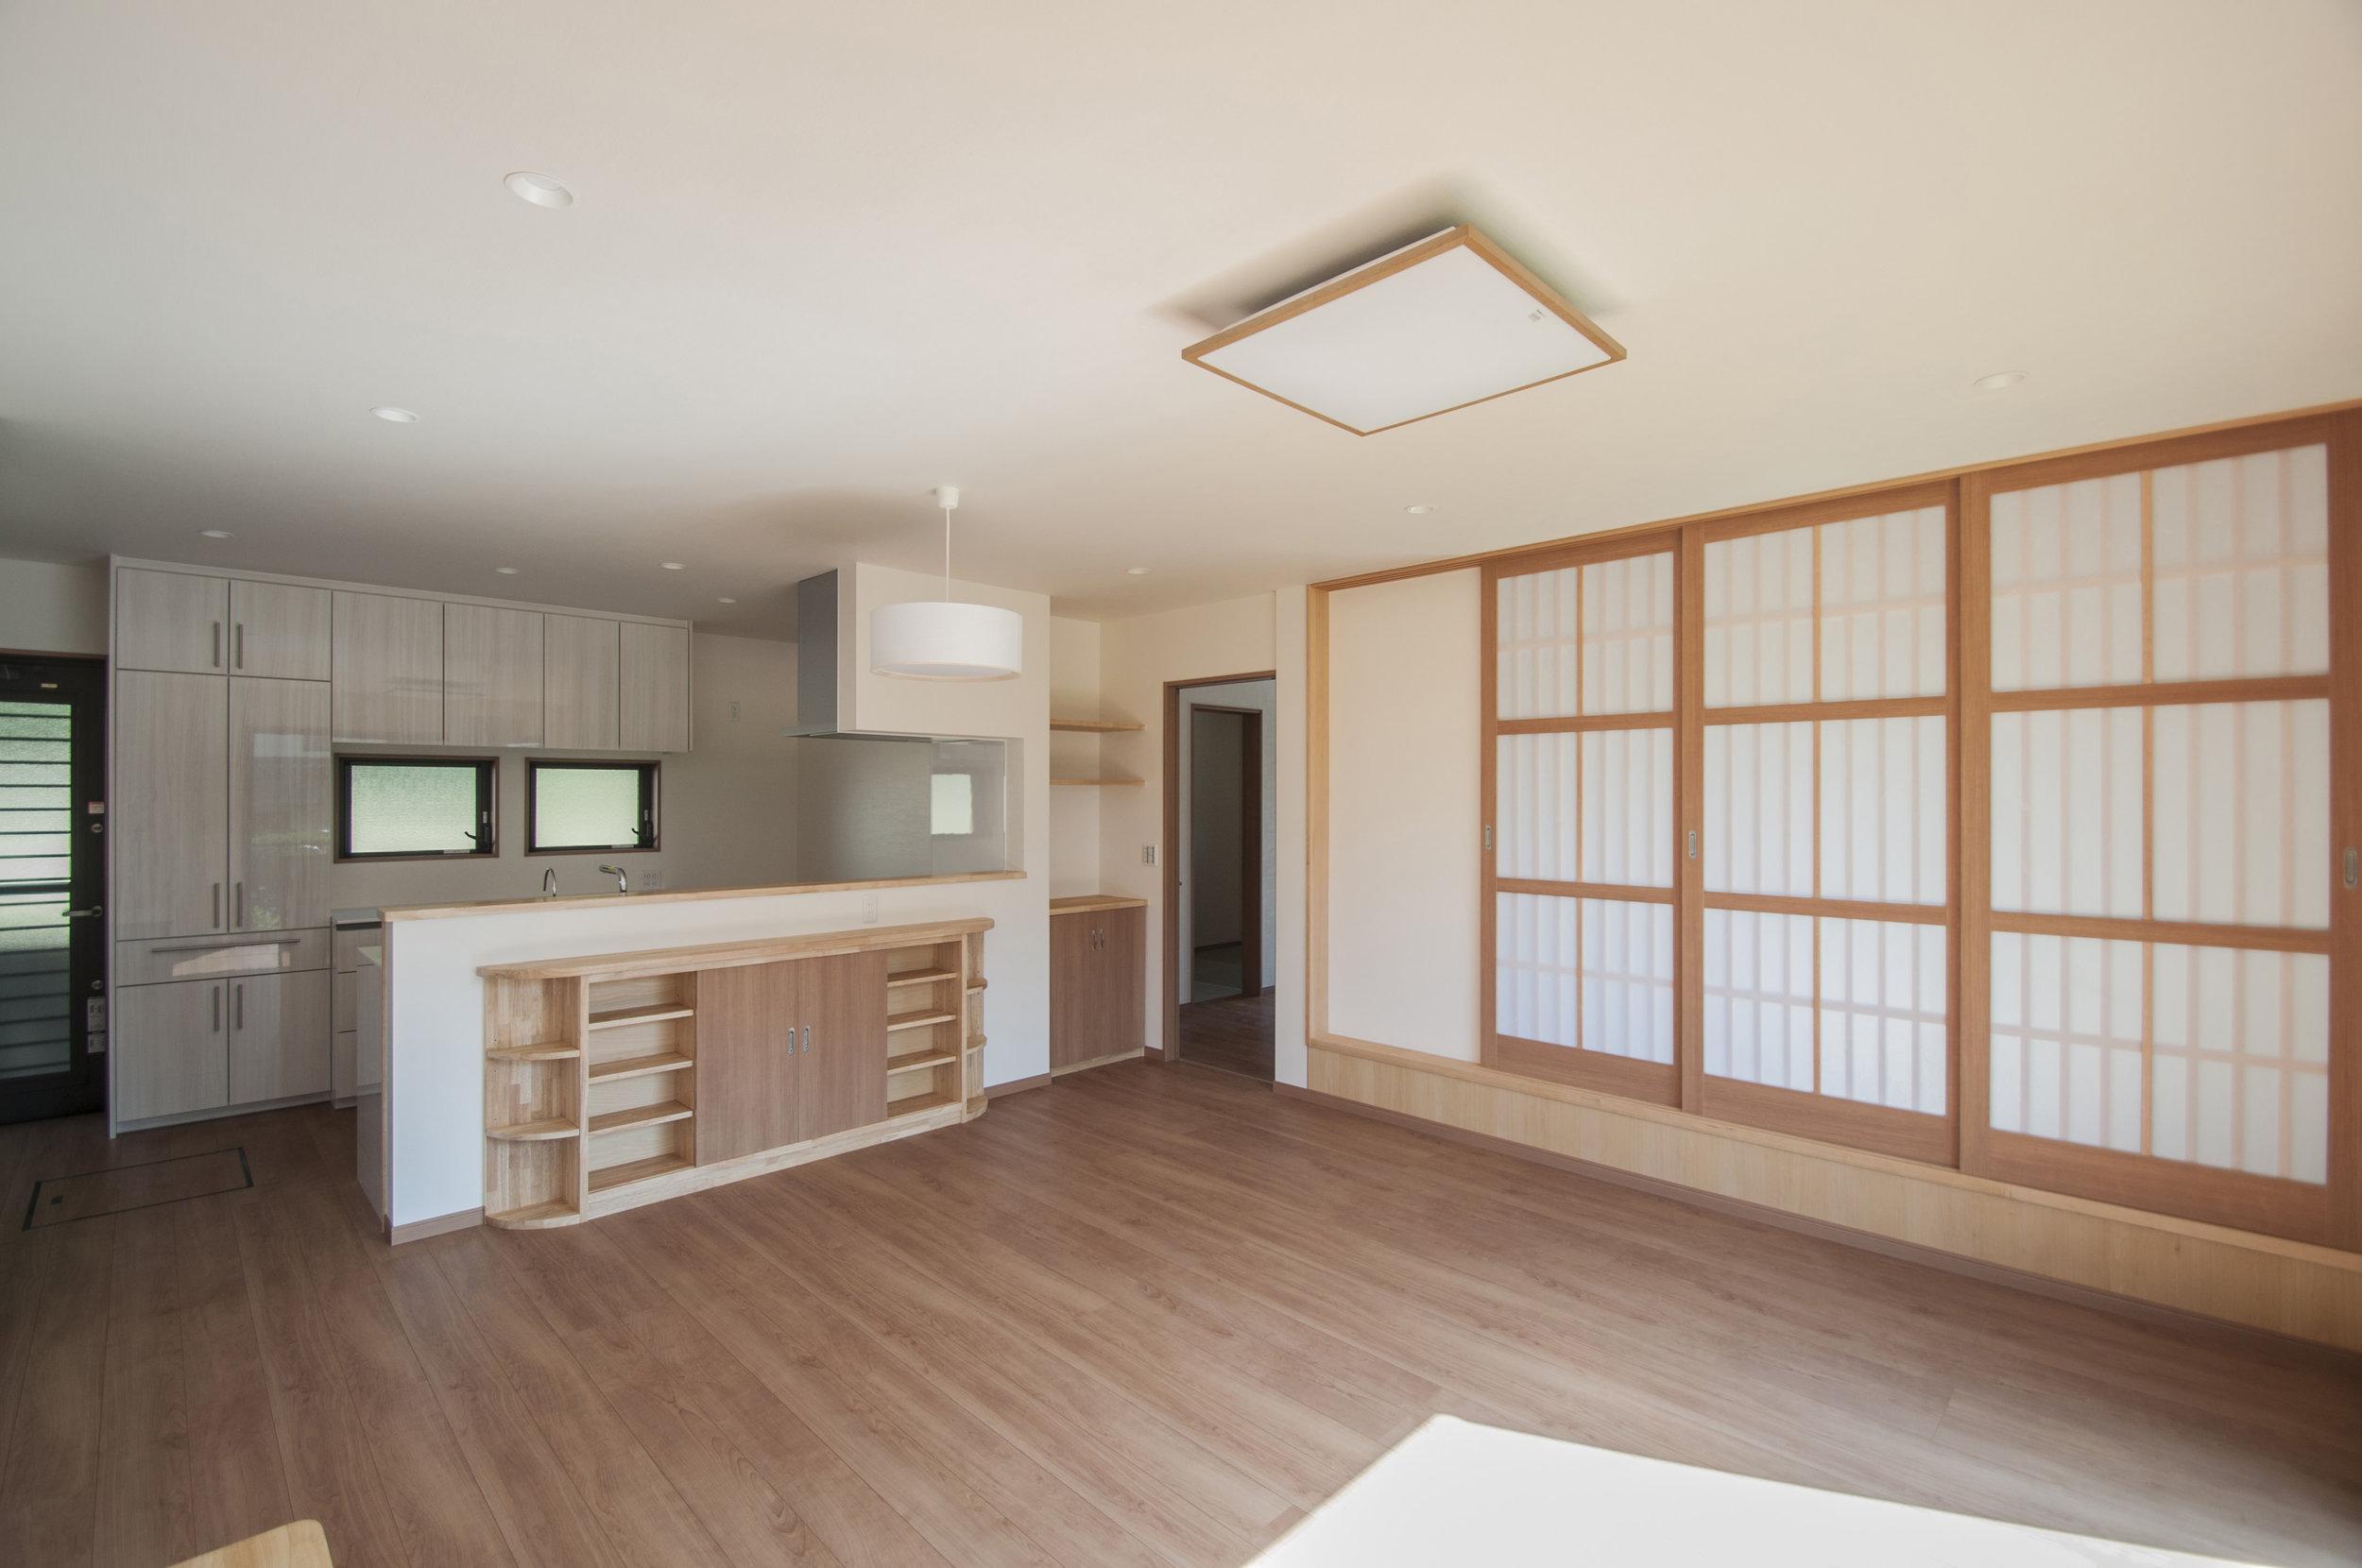 成正建装 愛知県 犬山市 新築 リフォーム 古民家再生 家づくり9.jpg